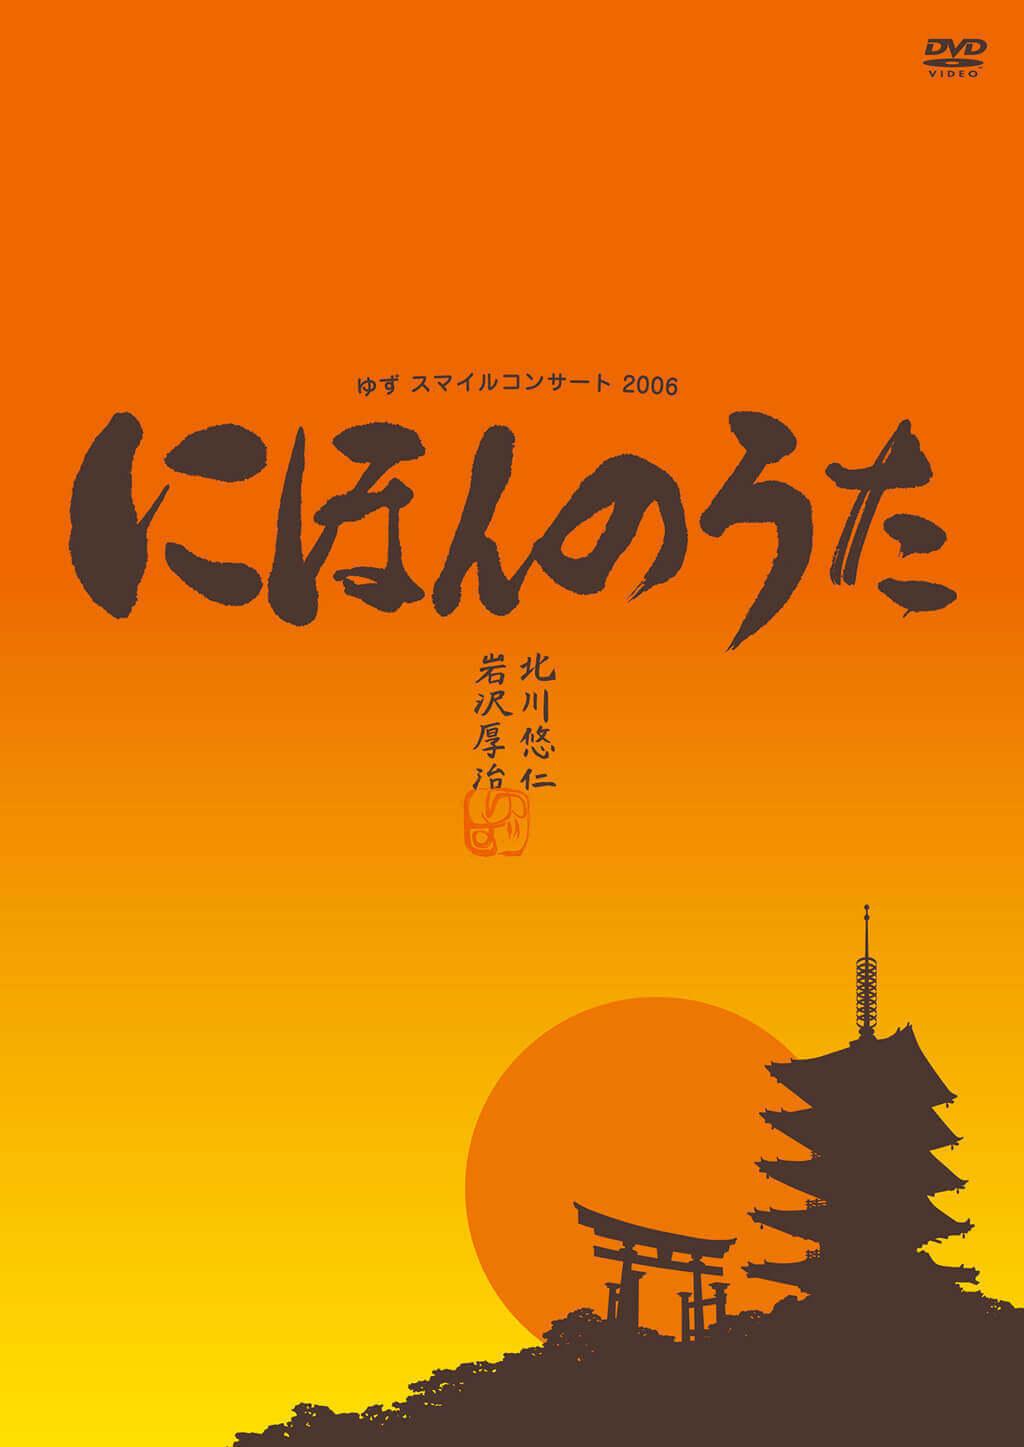 ゆずスマイルコンサート 2006 〜にほんのうた〜